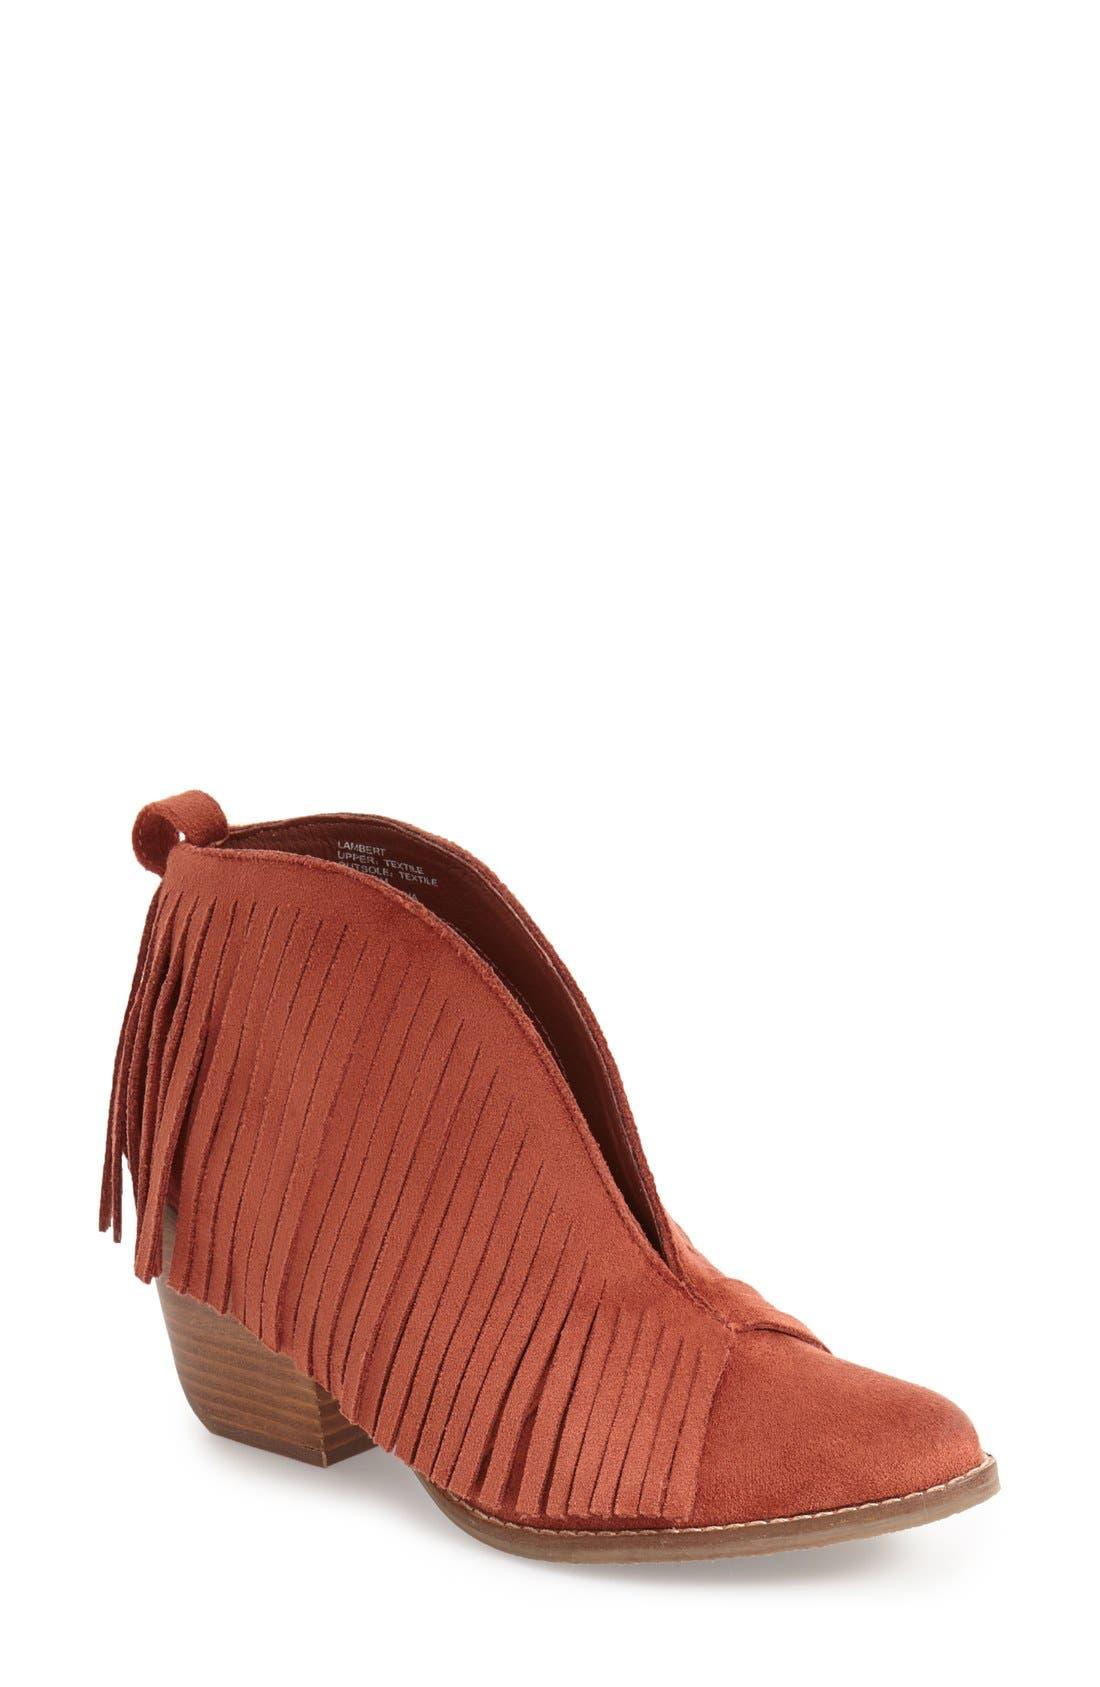 Matisse Lambert Fringe Bootie,                         Main,                         color, Rust Suede